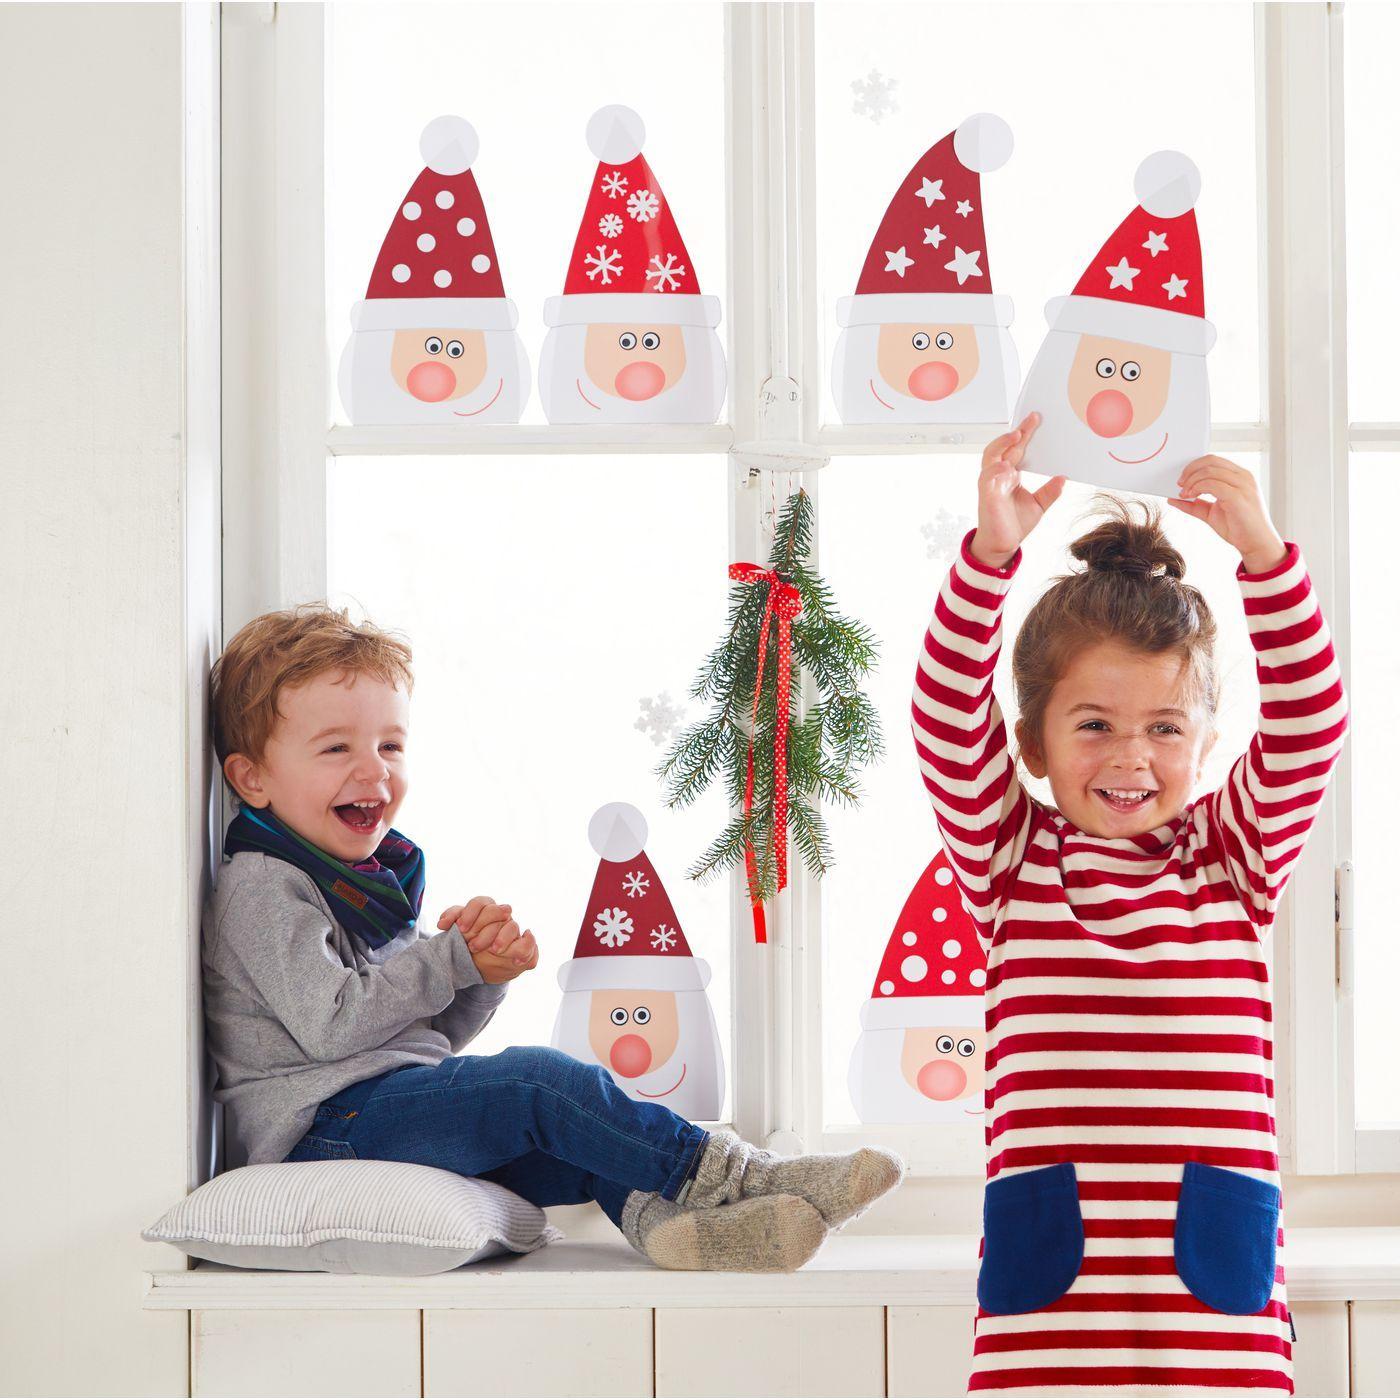 erstes schneiden nikol use basteln weihnachten basteln. Black Bedroom Furniture Sets. Home Design Ideas